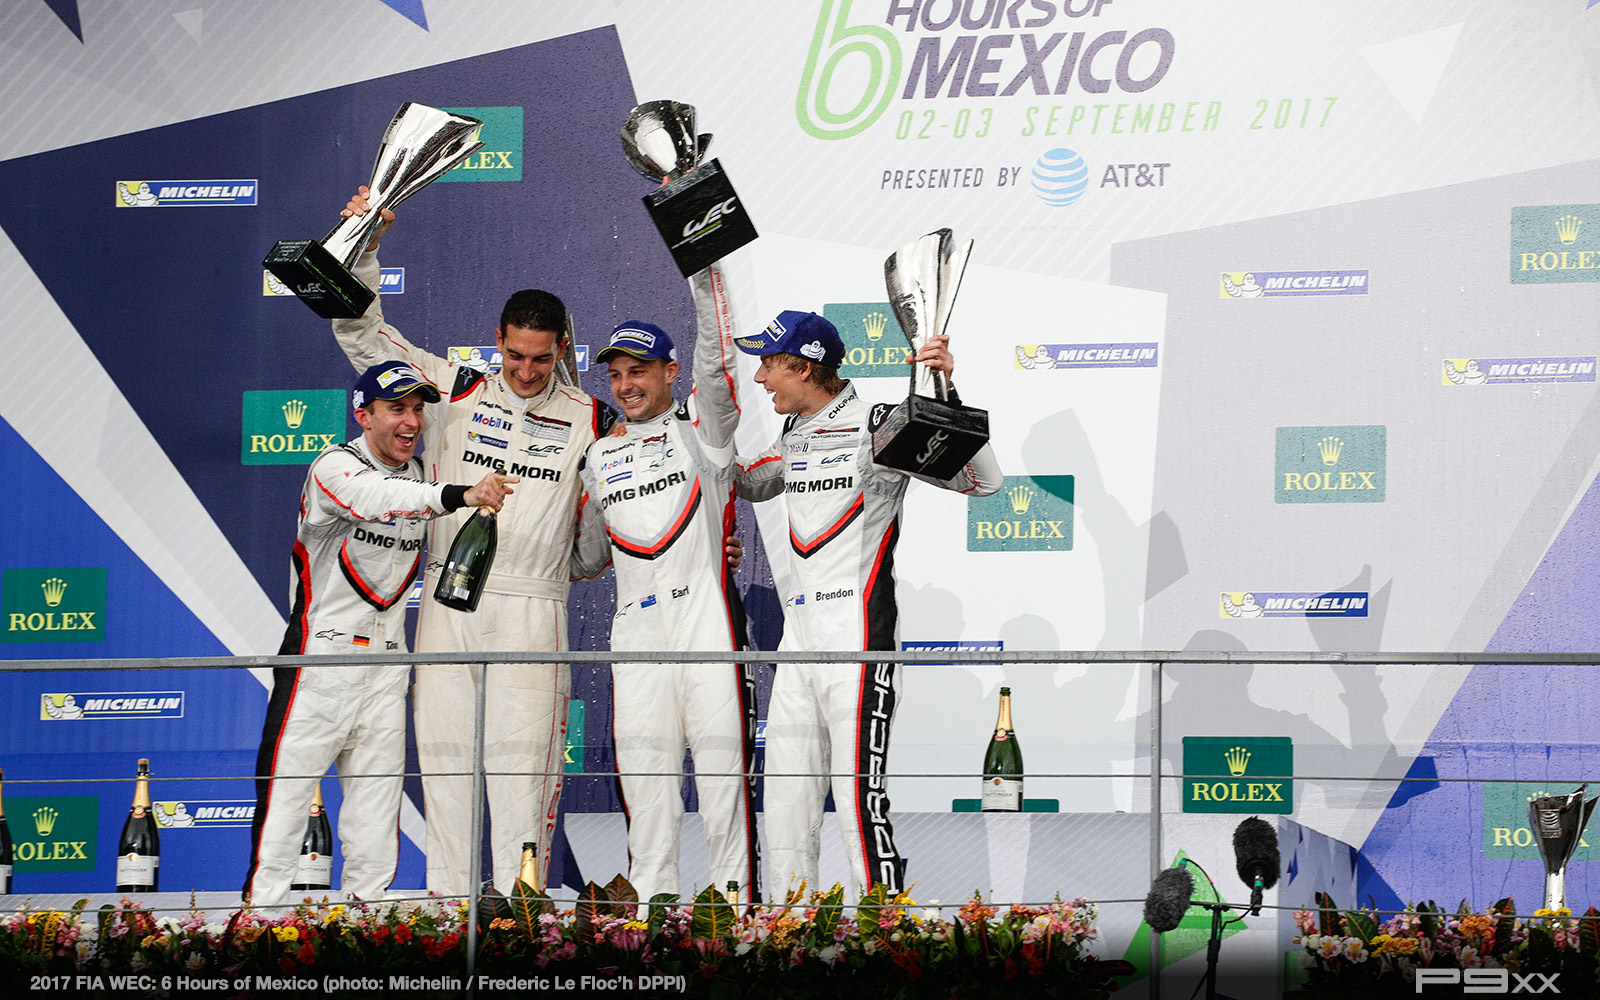 2017-FIA-WEC-6-HOURS-MEXICO-PORSCHE-exico_FLF_02117008_532101280